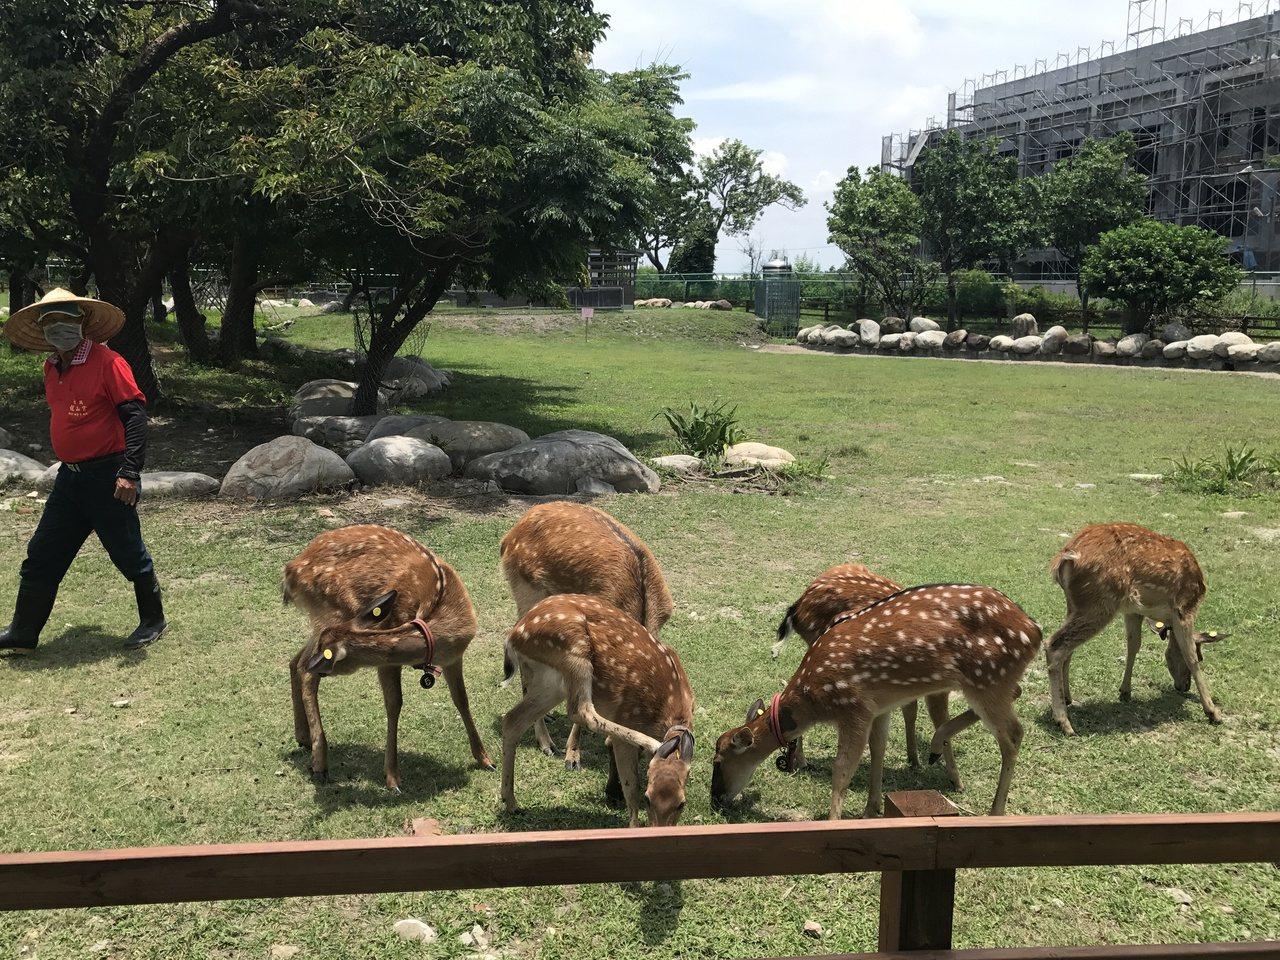 鹿港鎮公所打造鹿園,7月驚傳公鹿染牛結核而封園,今再傳有1隻母鹿也感染牛結核。圖...